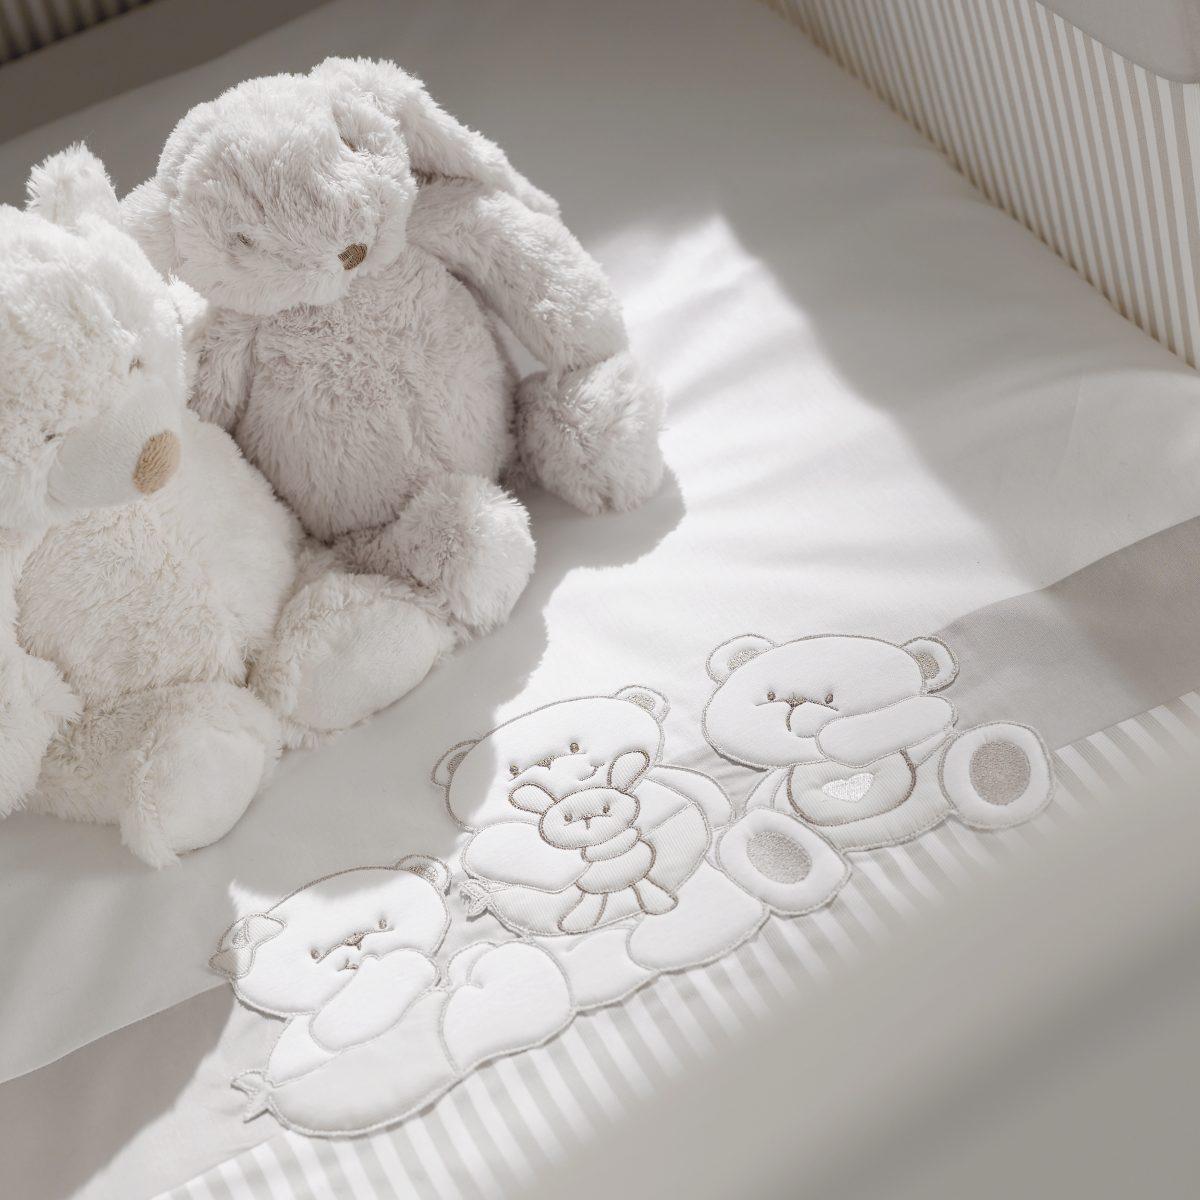 luxusní dětský nábytek - pohádkový pokoj Mirtillo